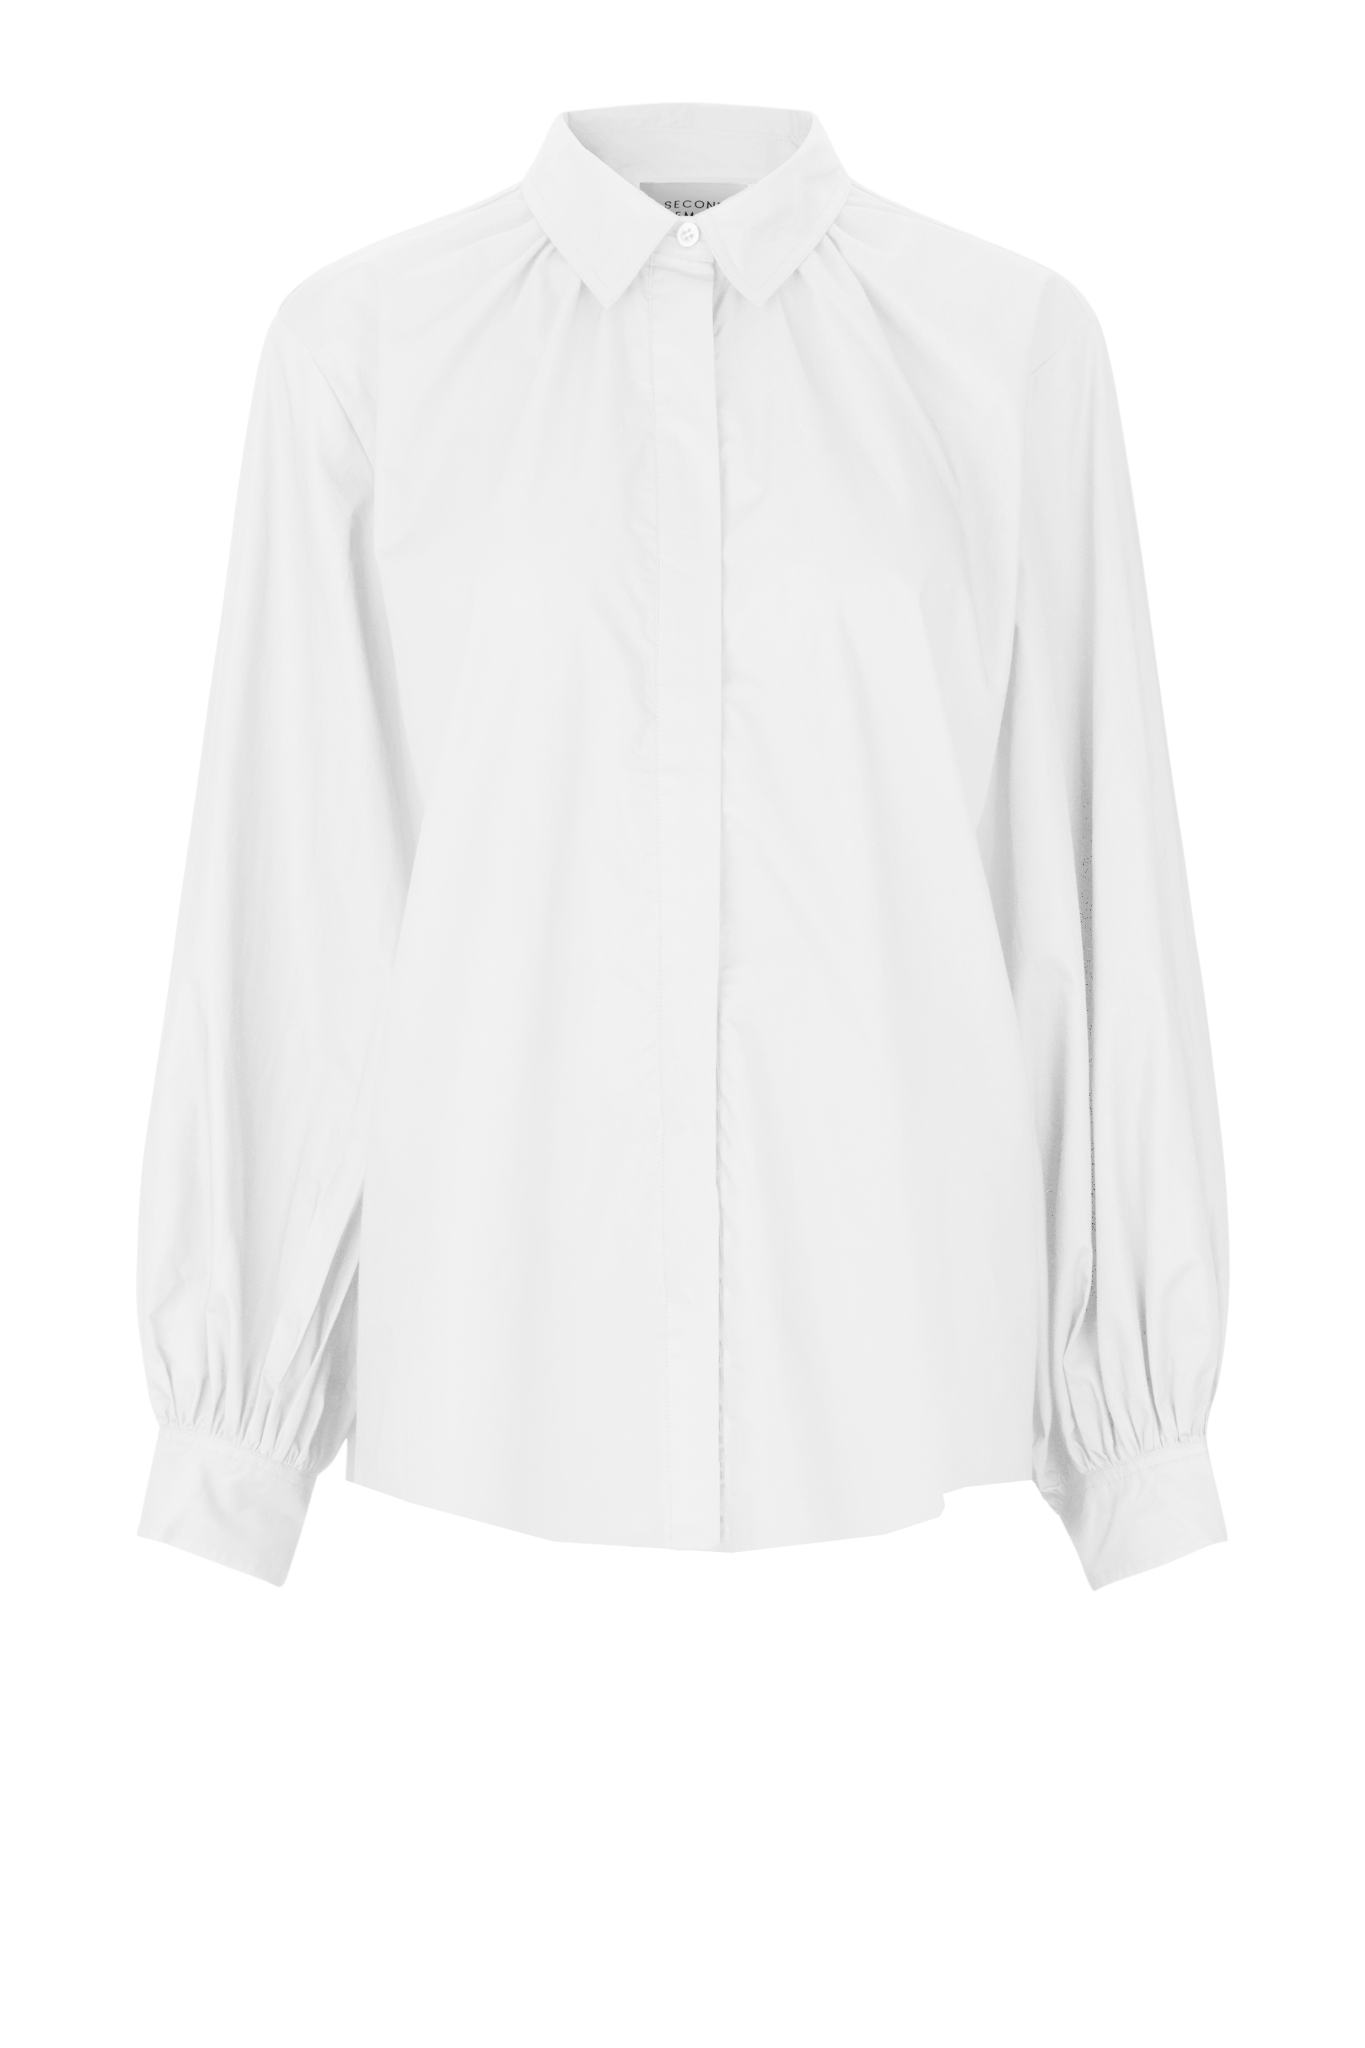 Totema New shirt-1